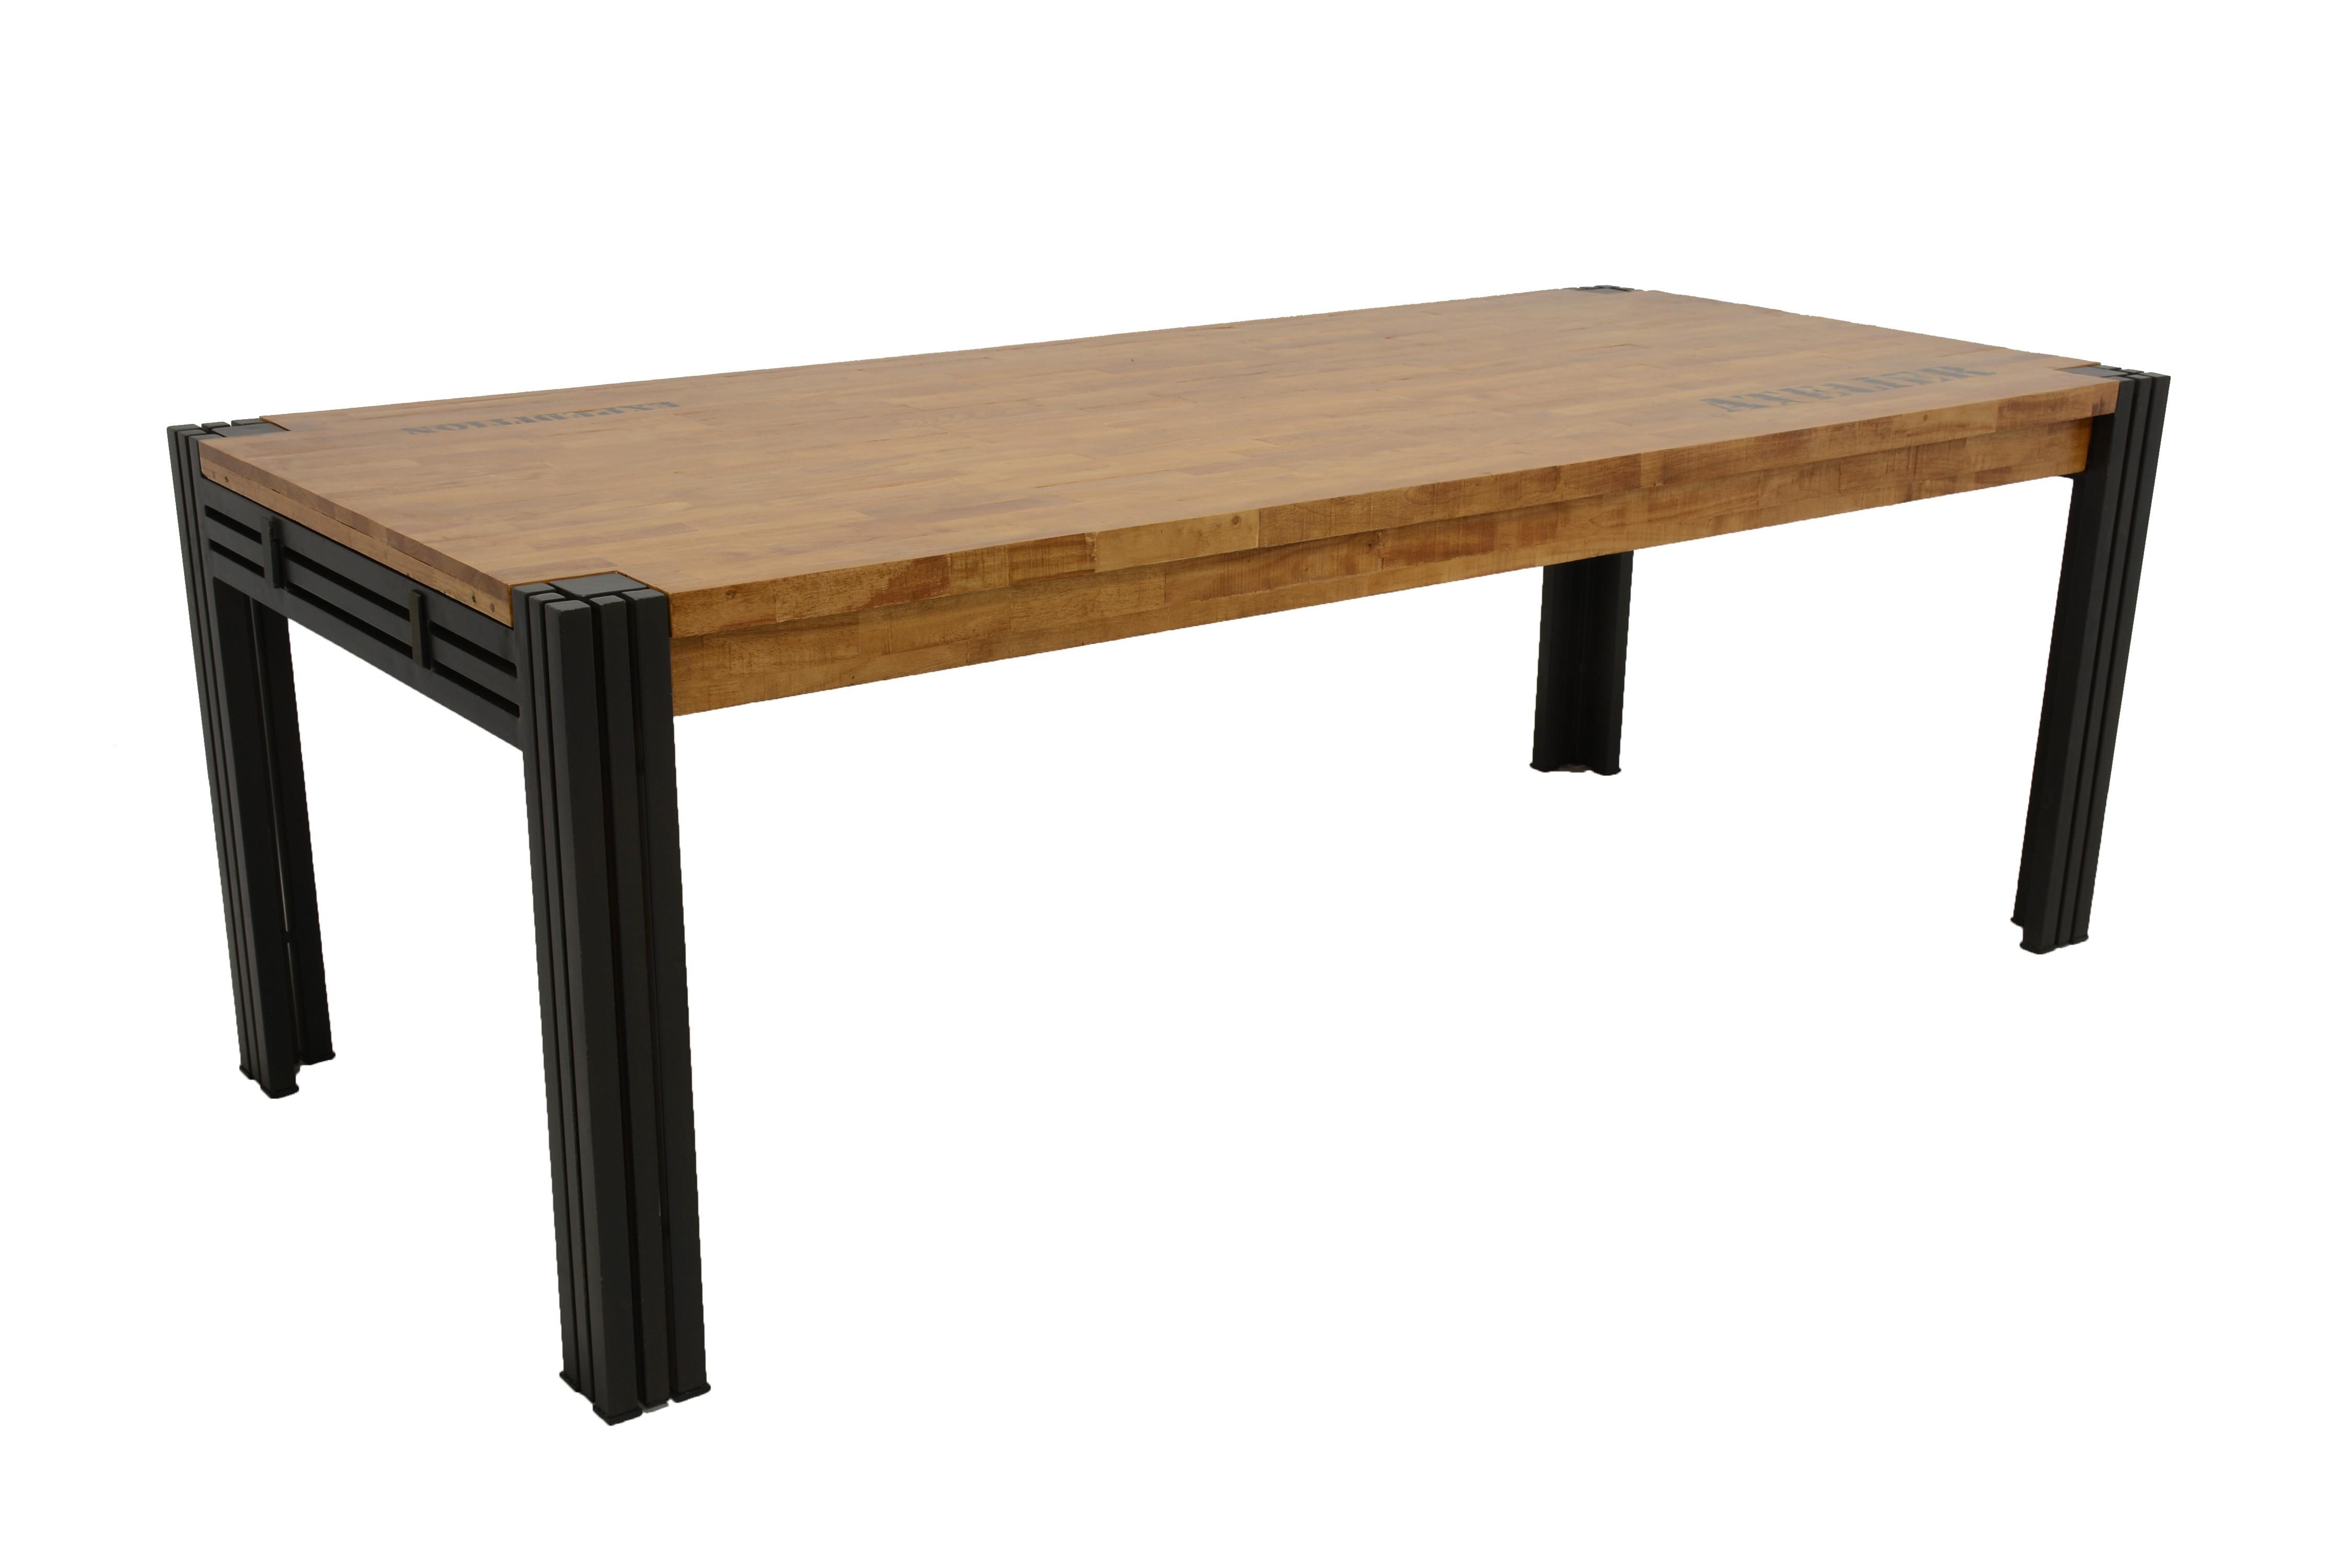 Métal Et Repas Rectangle Recyclé Extensible Hévéa Naturel Table De jc3Lq4AR5